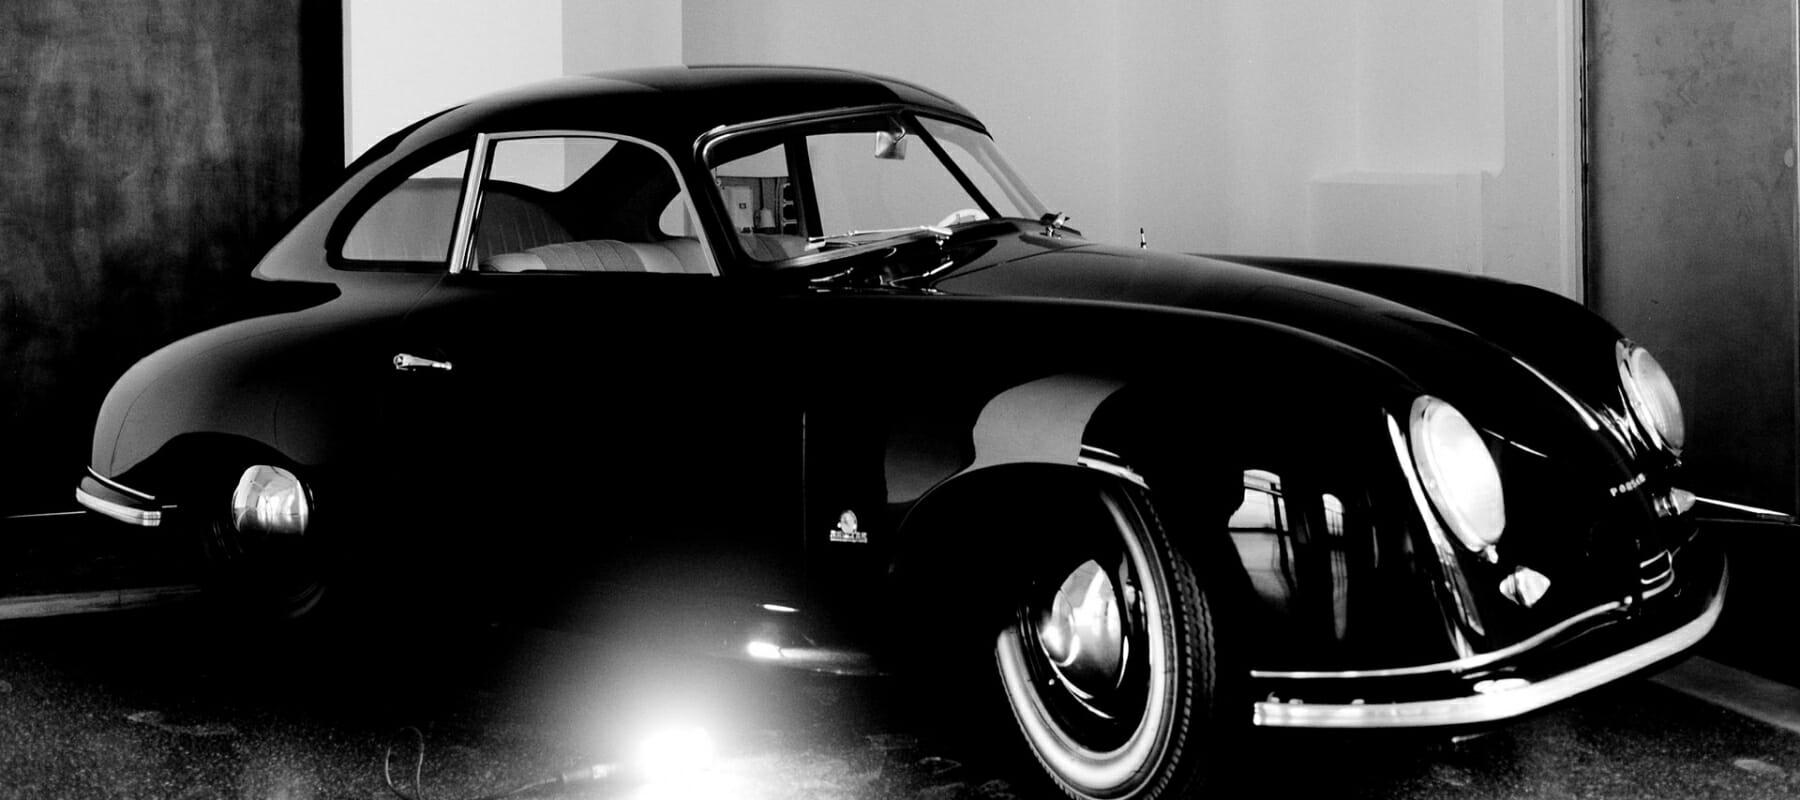 """2008 präsentierte das Automuseum Prototyp in Hamburg die Foto-Ausstellung """"Den Erlkönig gesehen. 7 Tage Prototyp. 7 Fotografen. 7 Blickwinkel"""